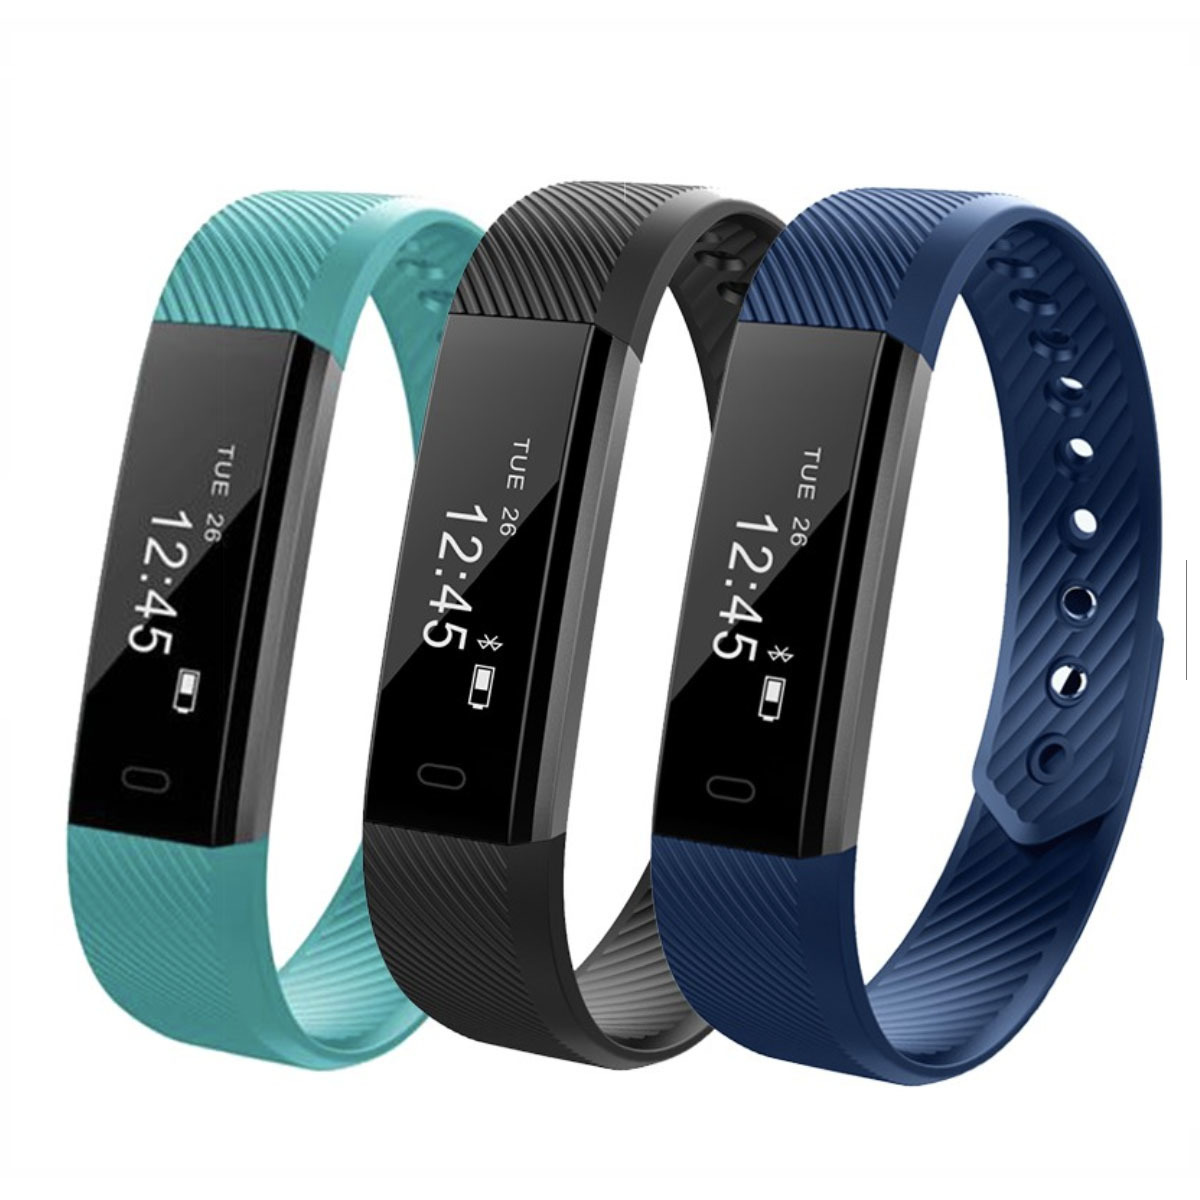 Tekkashop Gadget Gift ID115 PRO Fitness Tracker Smart Watch Wristband